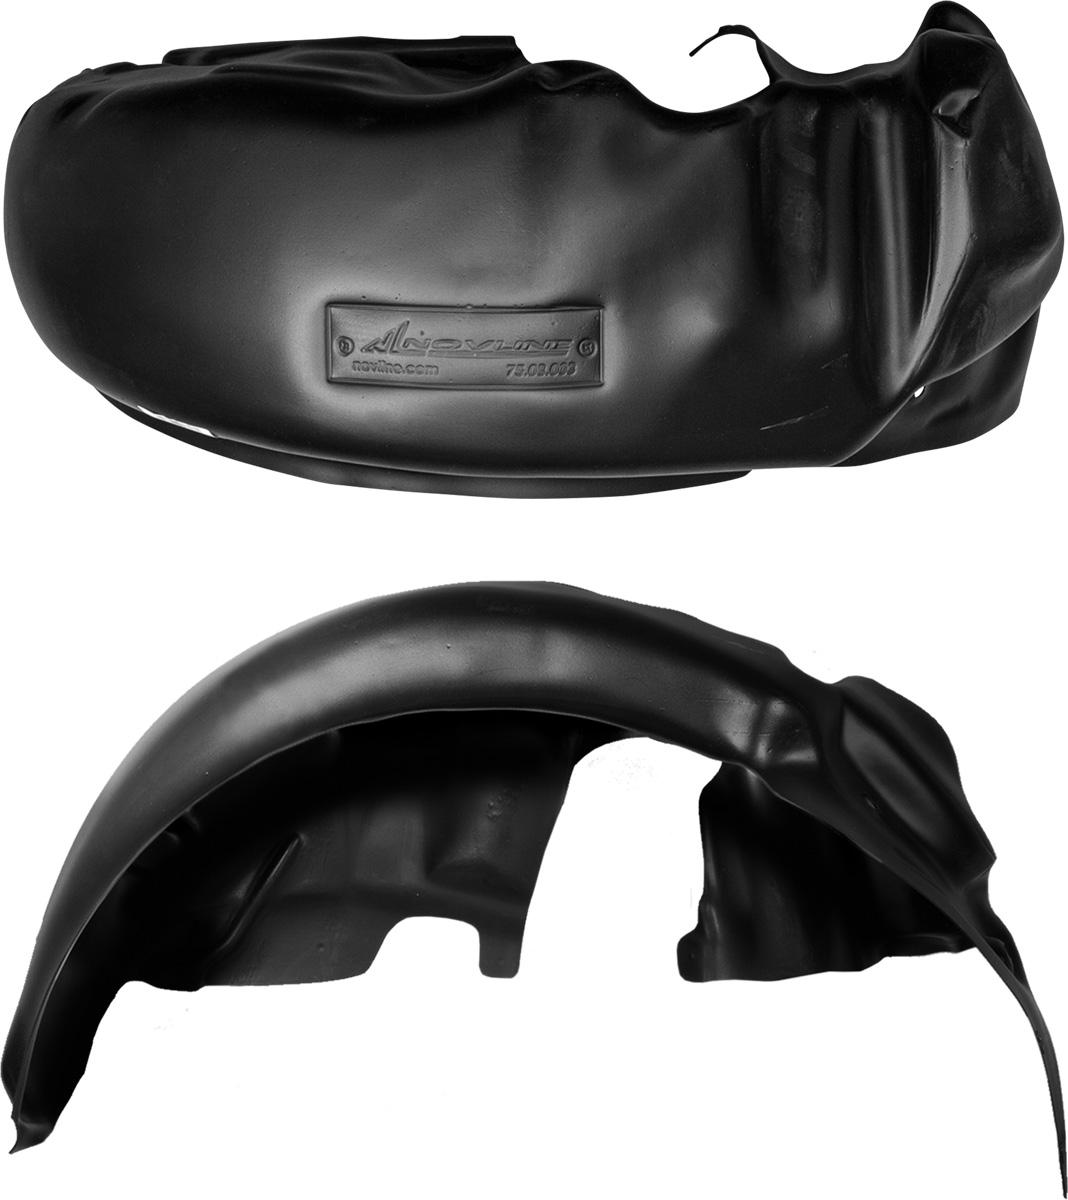 Подкрылок RENAULT Logan, 2013, рестайлинг, задний правыйNLL.41.31.004Колесные ниши – одни из самых уязвимых зон днища вашего автомобиля. Они постоянно подвергаются воздействию со стороны дороги. Лучшая, почти абсолютная защита для них - специально отформованные пластиковые кожухи, которые называются подкрылками, или локерами. Производятся они как для отечественных моделей автомобилей, так и для иномарок. Подкрылки выполнены из высококачественного, экологически чистого пластика. Обеспечивают надежную защиту кузова автомобиля от пескоструйного эффекта и негативного влияния, агрессивных антигололедных реагентов. Пластик обладает более низкой теплопроводностью, чем металл, поэтому в зимний период эксплуатации использование пластиковых подкрылков позволяет лучше защитить колесные ниши от налипания снега и образования наледи. Оригинальность конструкции подчеркивает элегантность автомобиля, бережно защищает нанесенное на днище кузова антикоррозийное покрытие и позволяет осуществить крепление подкрылков внутри колесной арки практически без дополнительного...